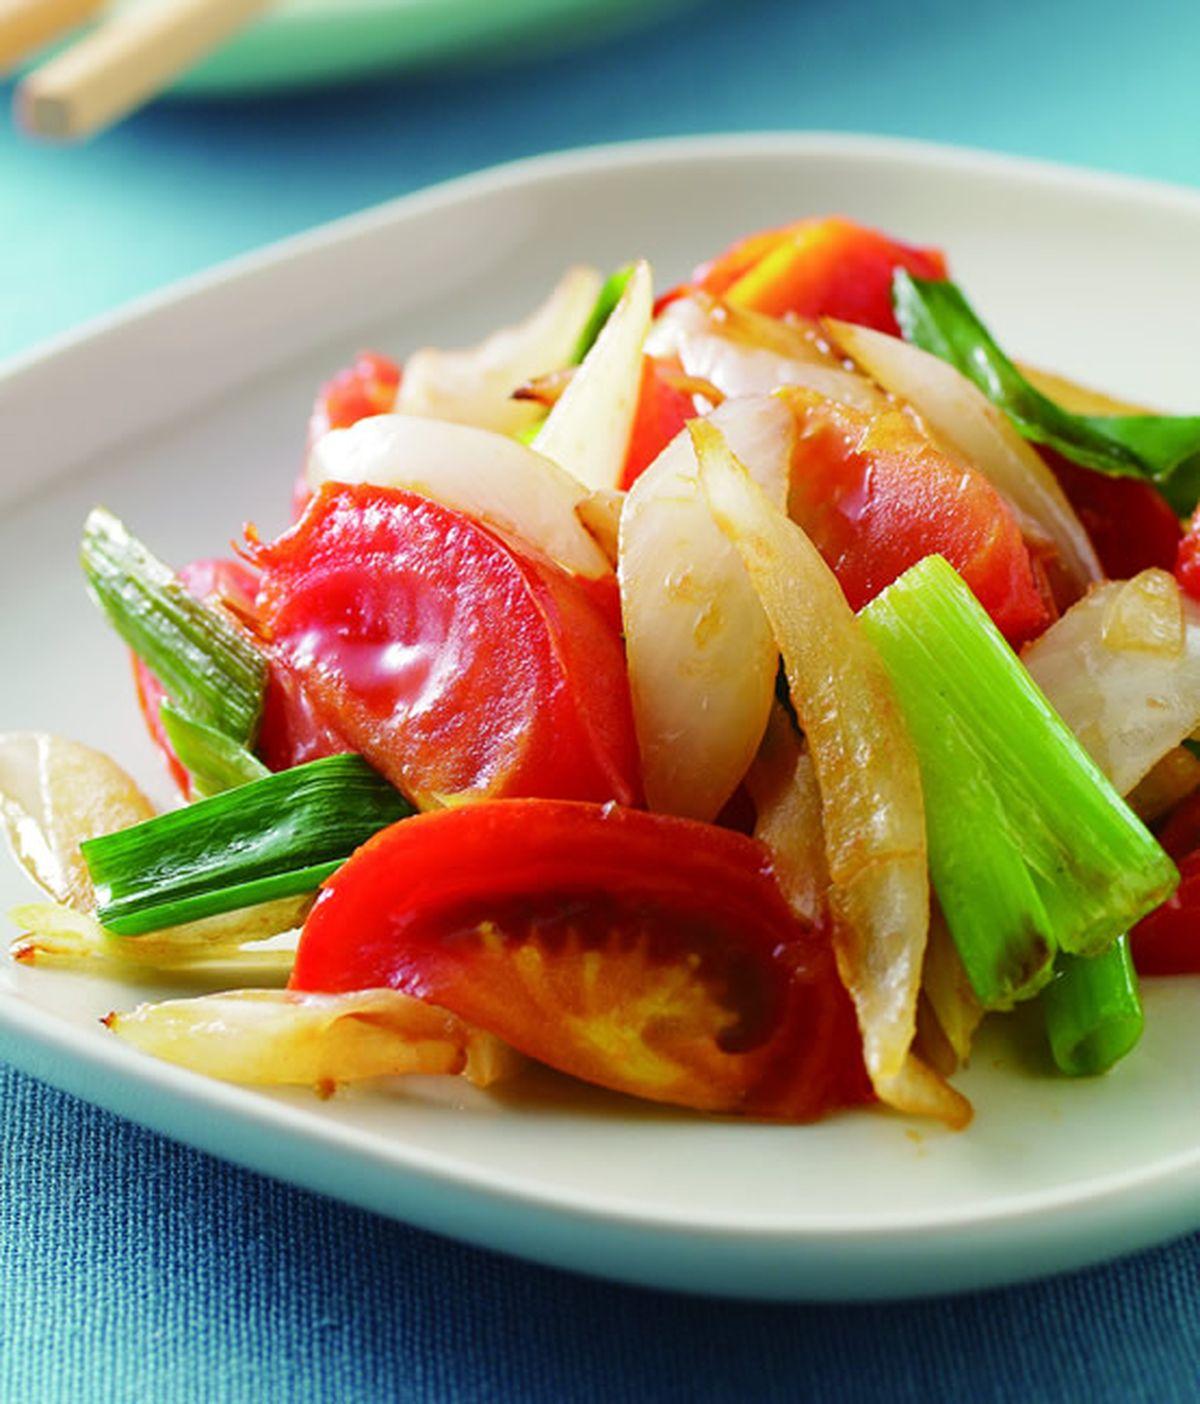 食譜:雙蔥炒蕃茄